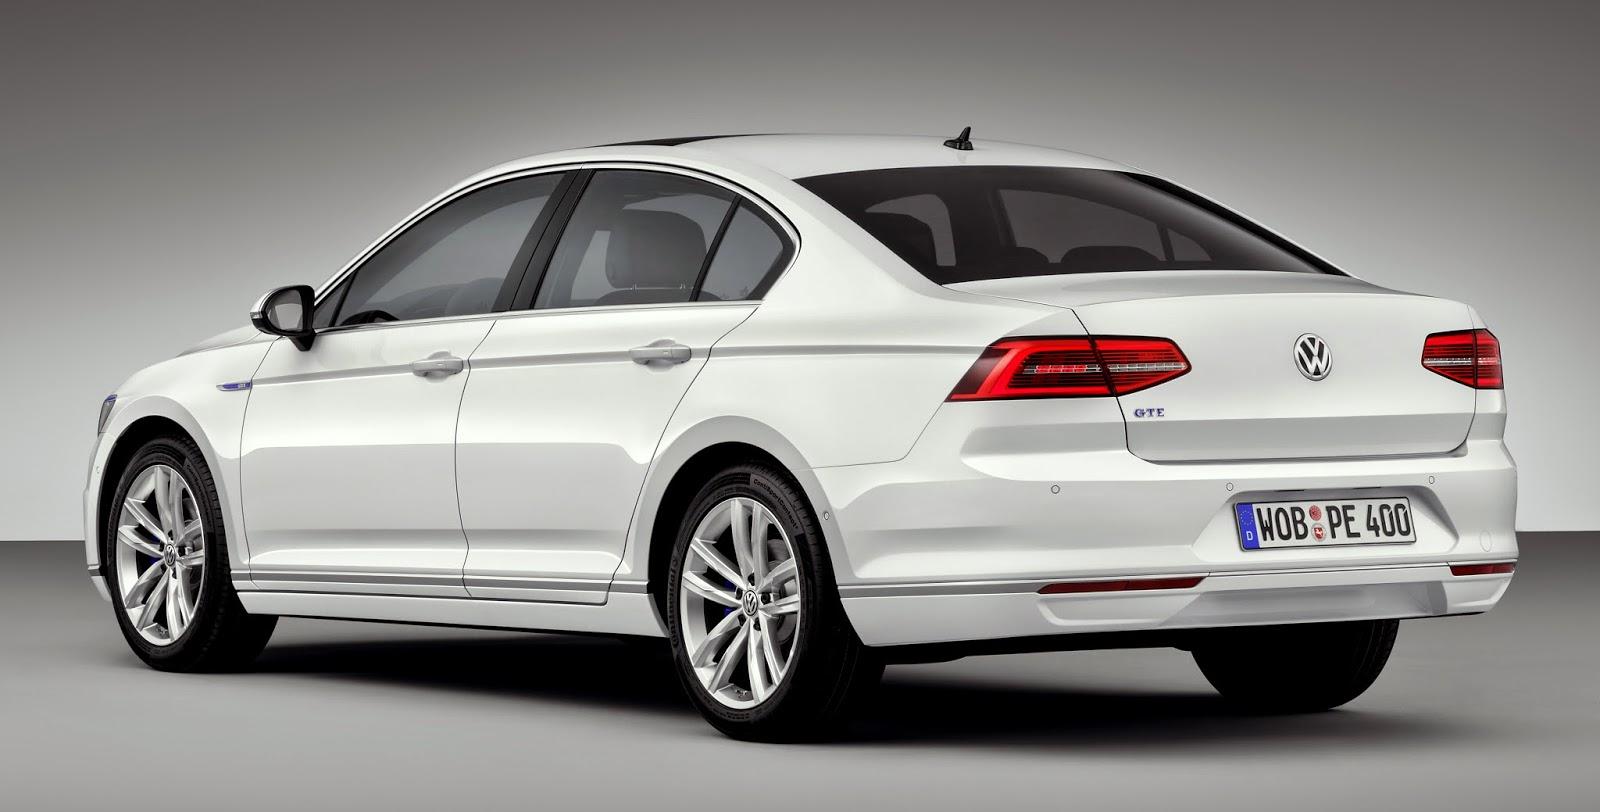 Характеристики Volkswagen Touareg / Фольксваген Туарег